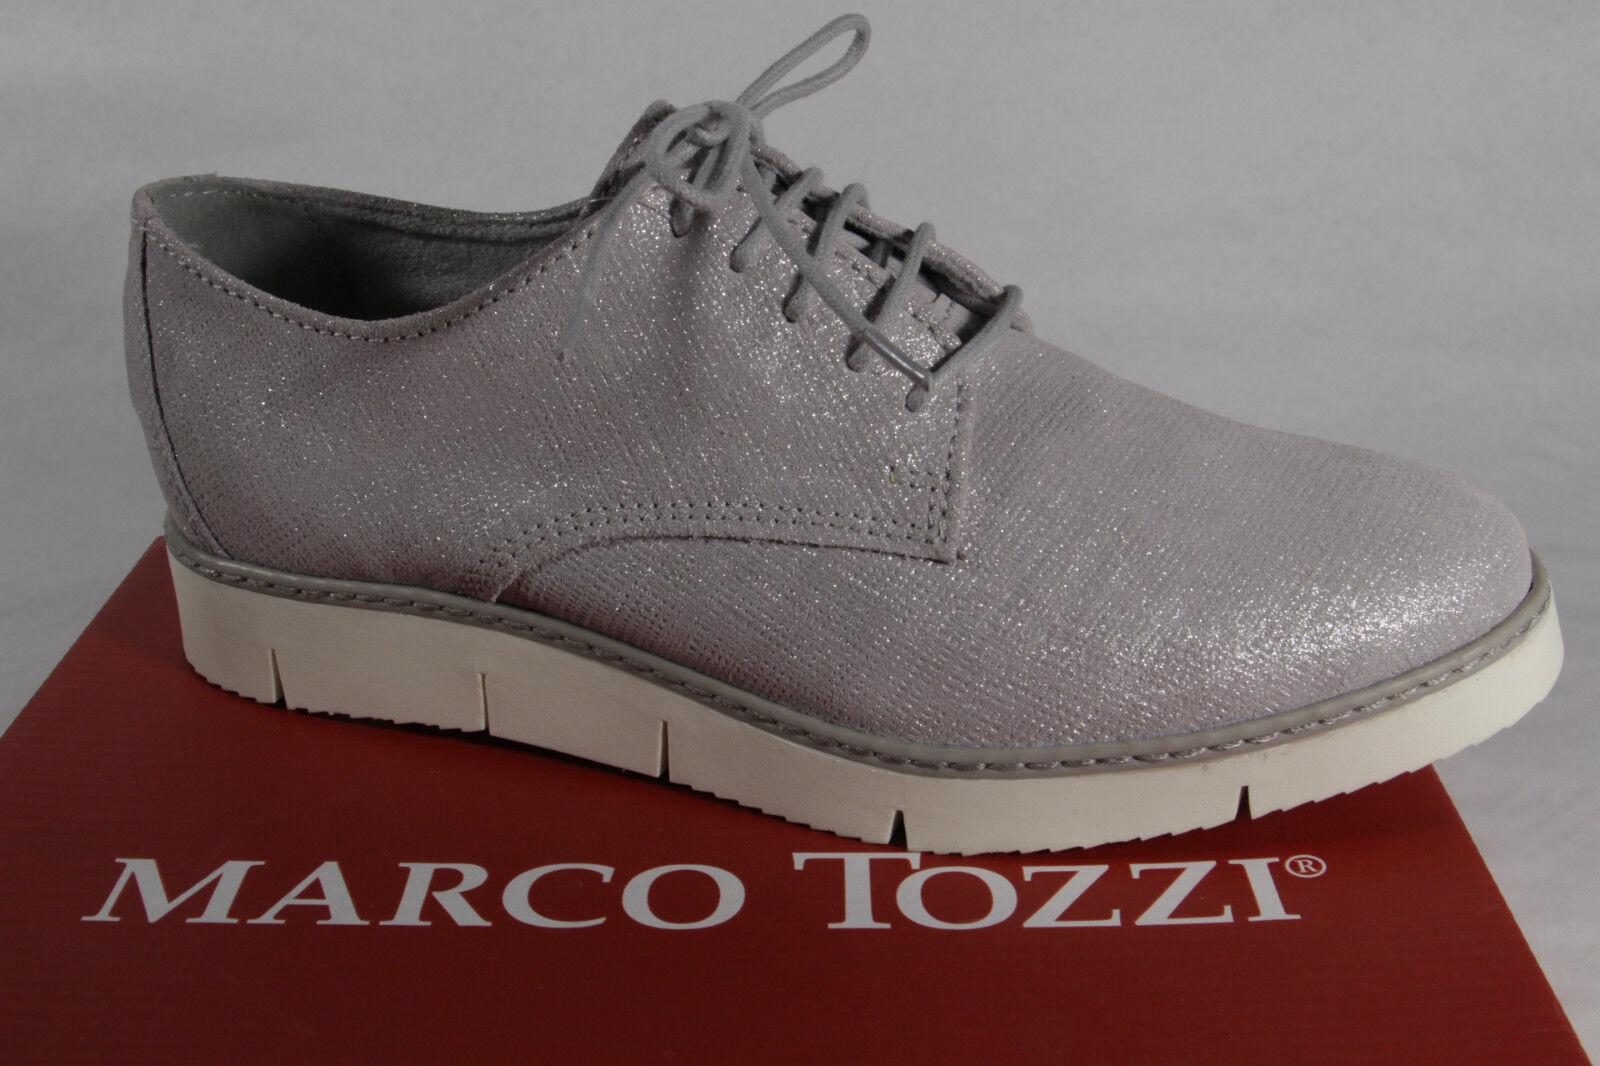 Zapatos casuales salvajes Descuento por tiempo limitado Marco Tozzi Zapatos De Cordones Zapatilla de deporte bajas Gris Cuero Aut. NUEVO